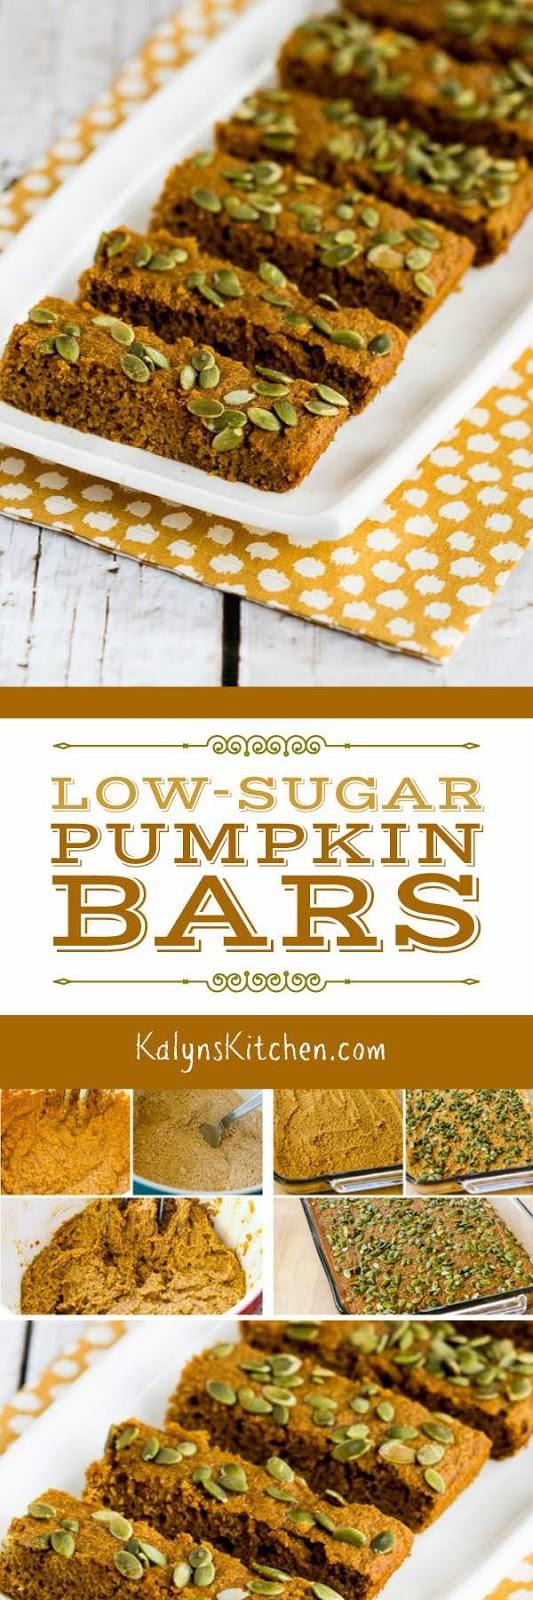 Low-Sugar Pumpkin Bars found on KalynsKitchen.com